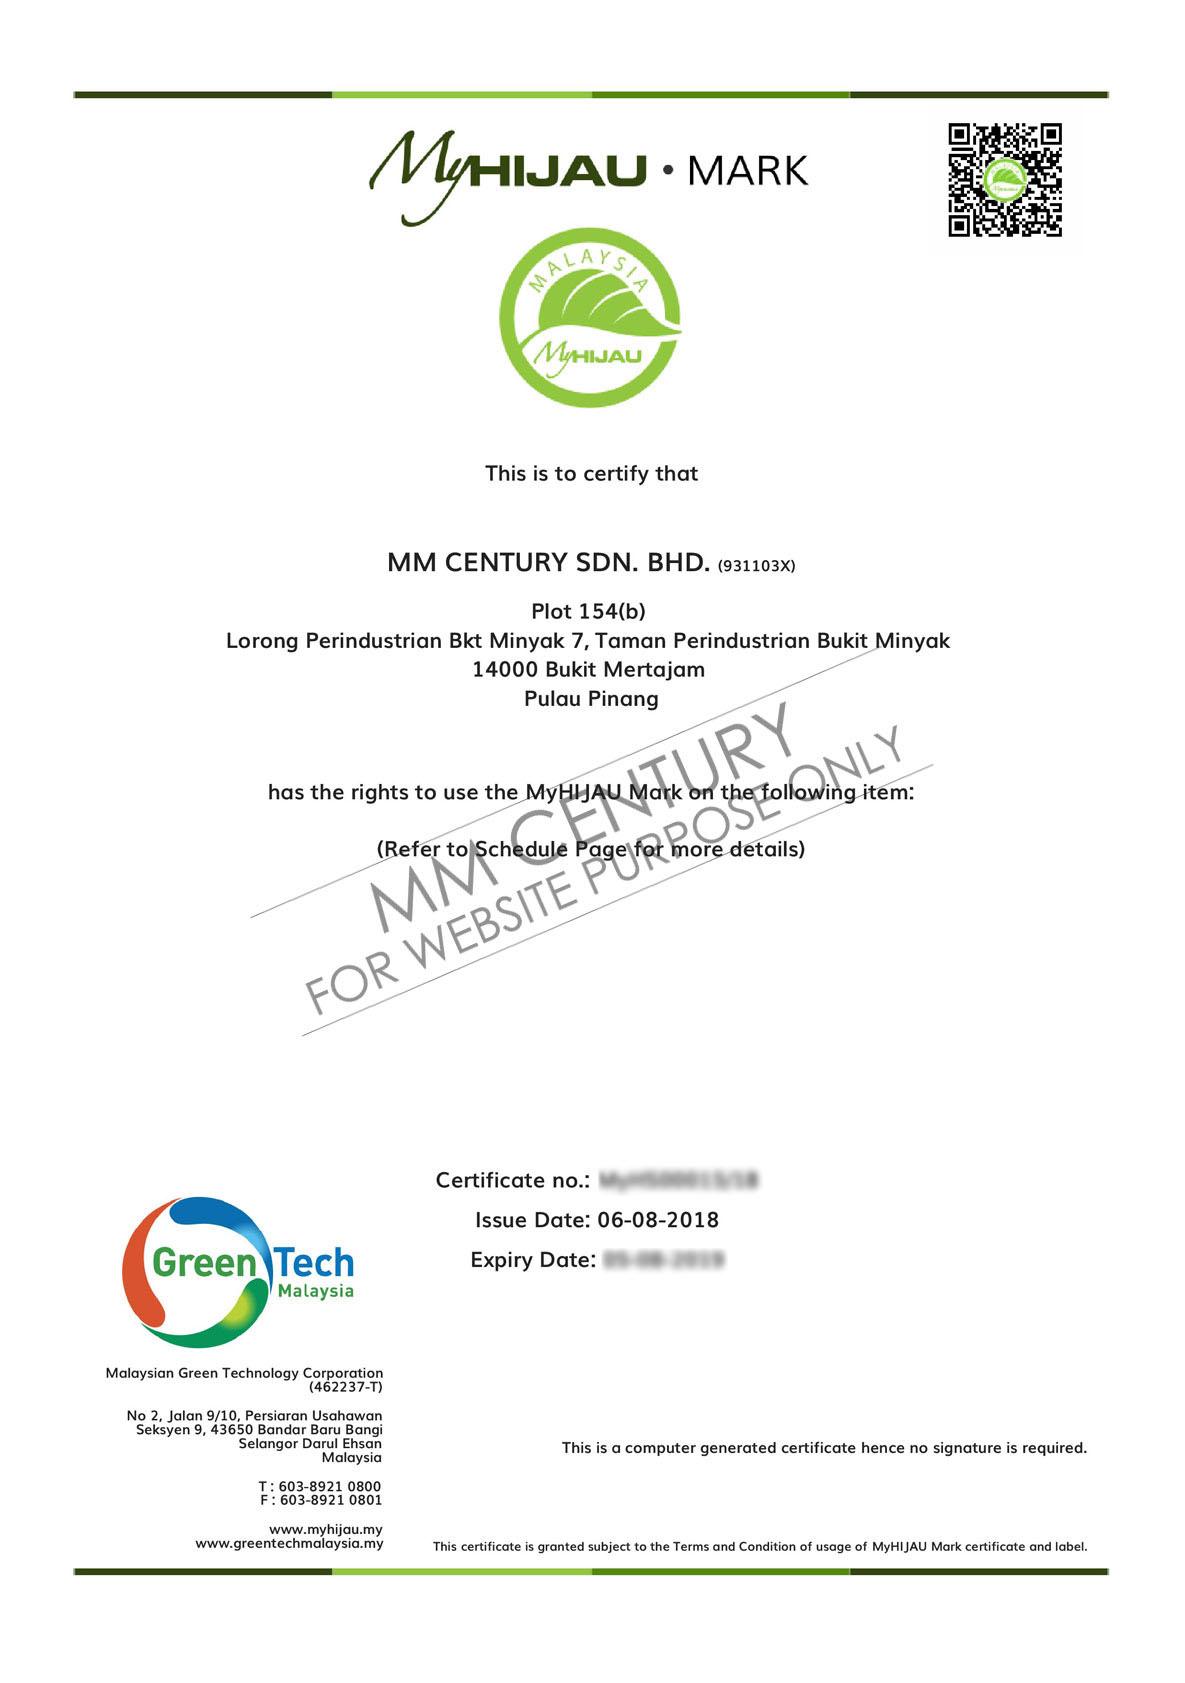 MM Century- Myhijau Waste Management Services